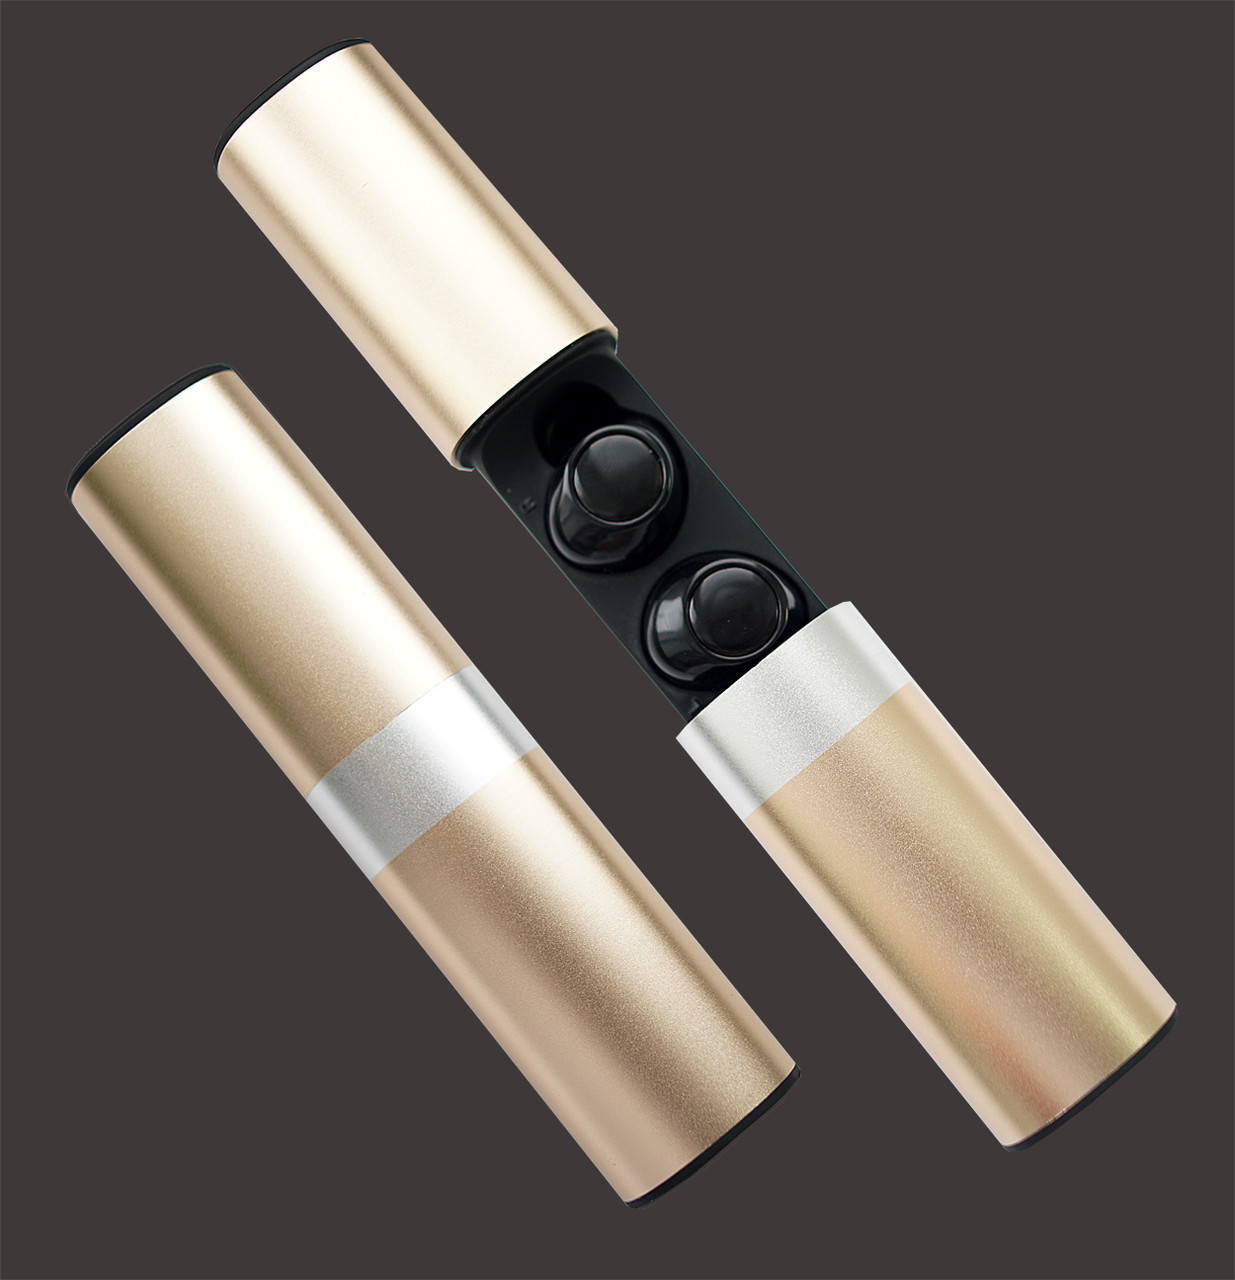 Wi-pods S2 Bluetooth наушники беспроводные водонепроницаемые с зарядным чехлом-кейсом GOLD